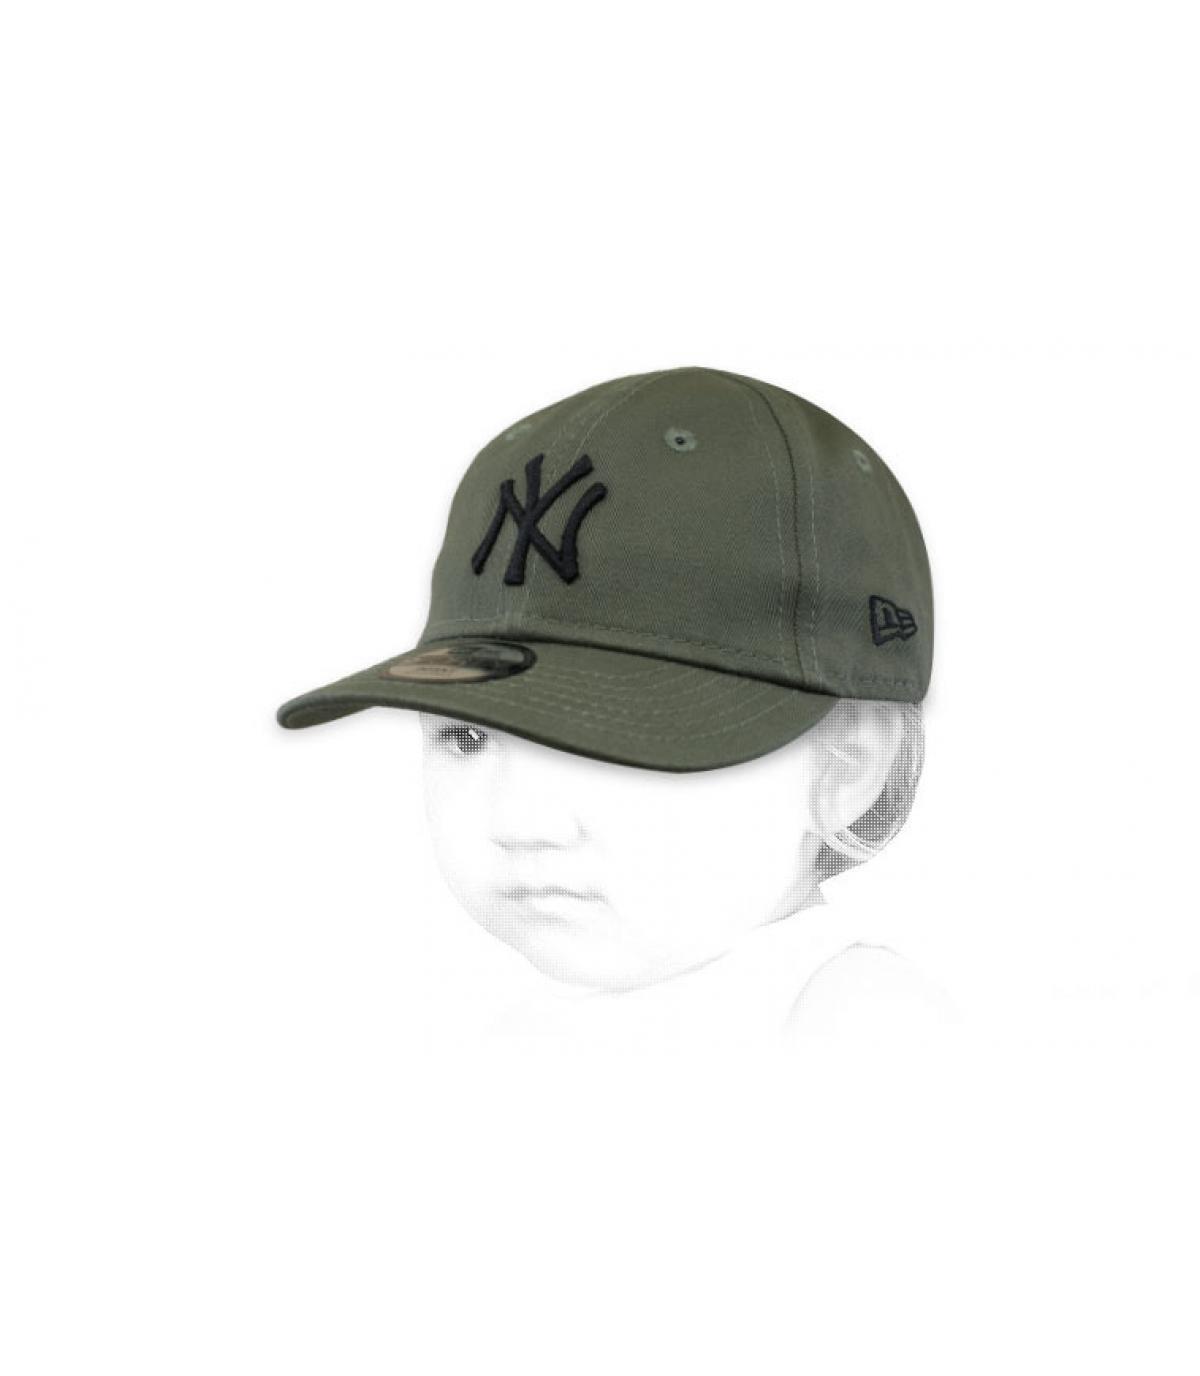 gorra bebe NY verde